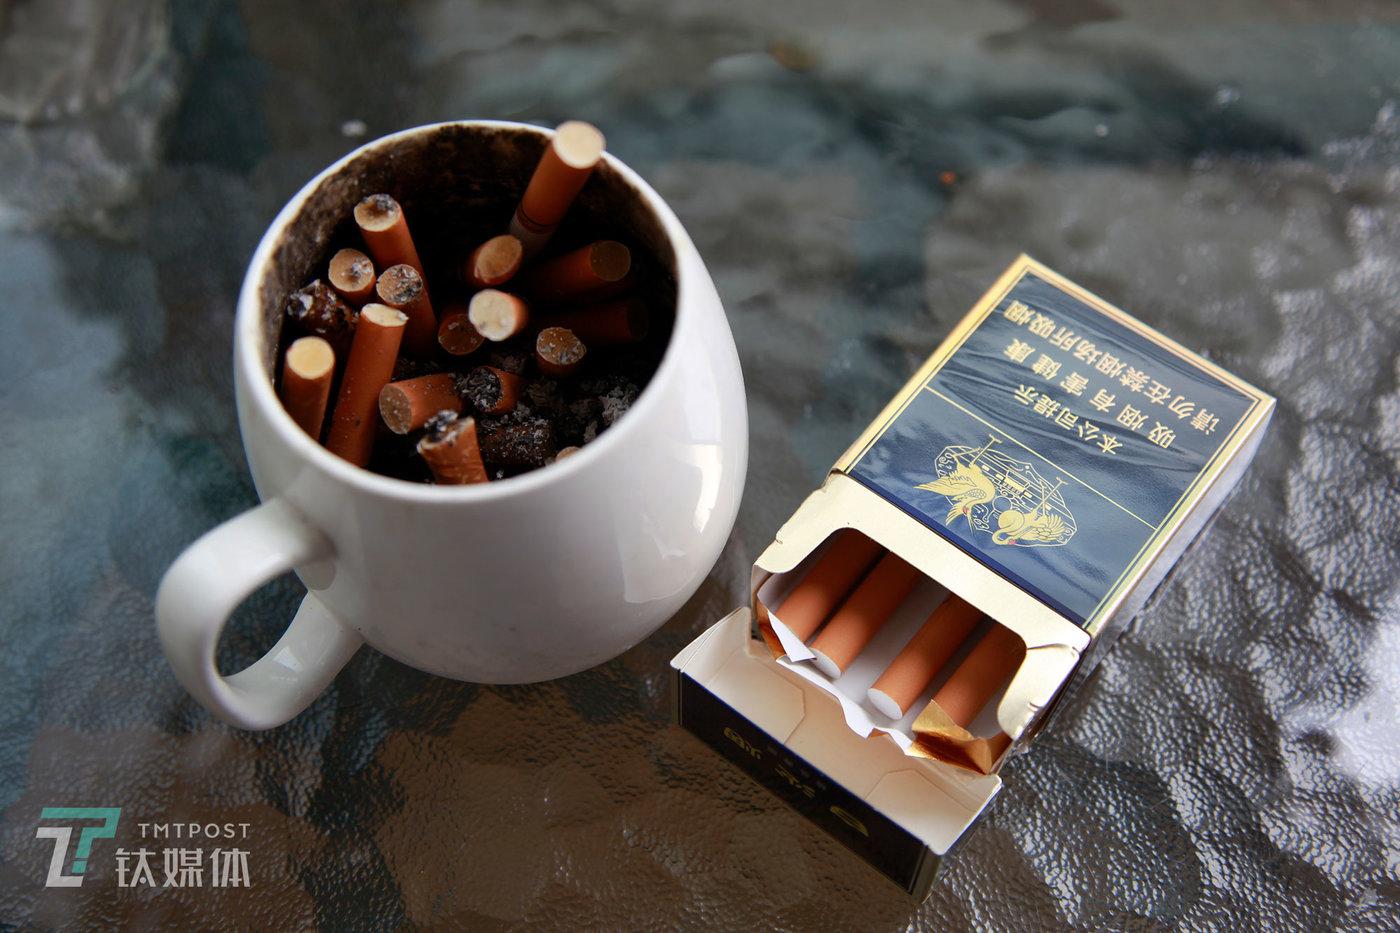 """失业之后,他忍不住抽烟,以前一天一包不到,现在每天至少两包烟。""""失业""""让他压力格外大,除了经济压力,还有精神上的紧张和恐惧。""""裁员是经济大环境的问题,还会持续,裁员带来的连锁反应可能会持续很久。"""""""